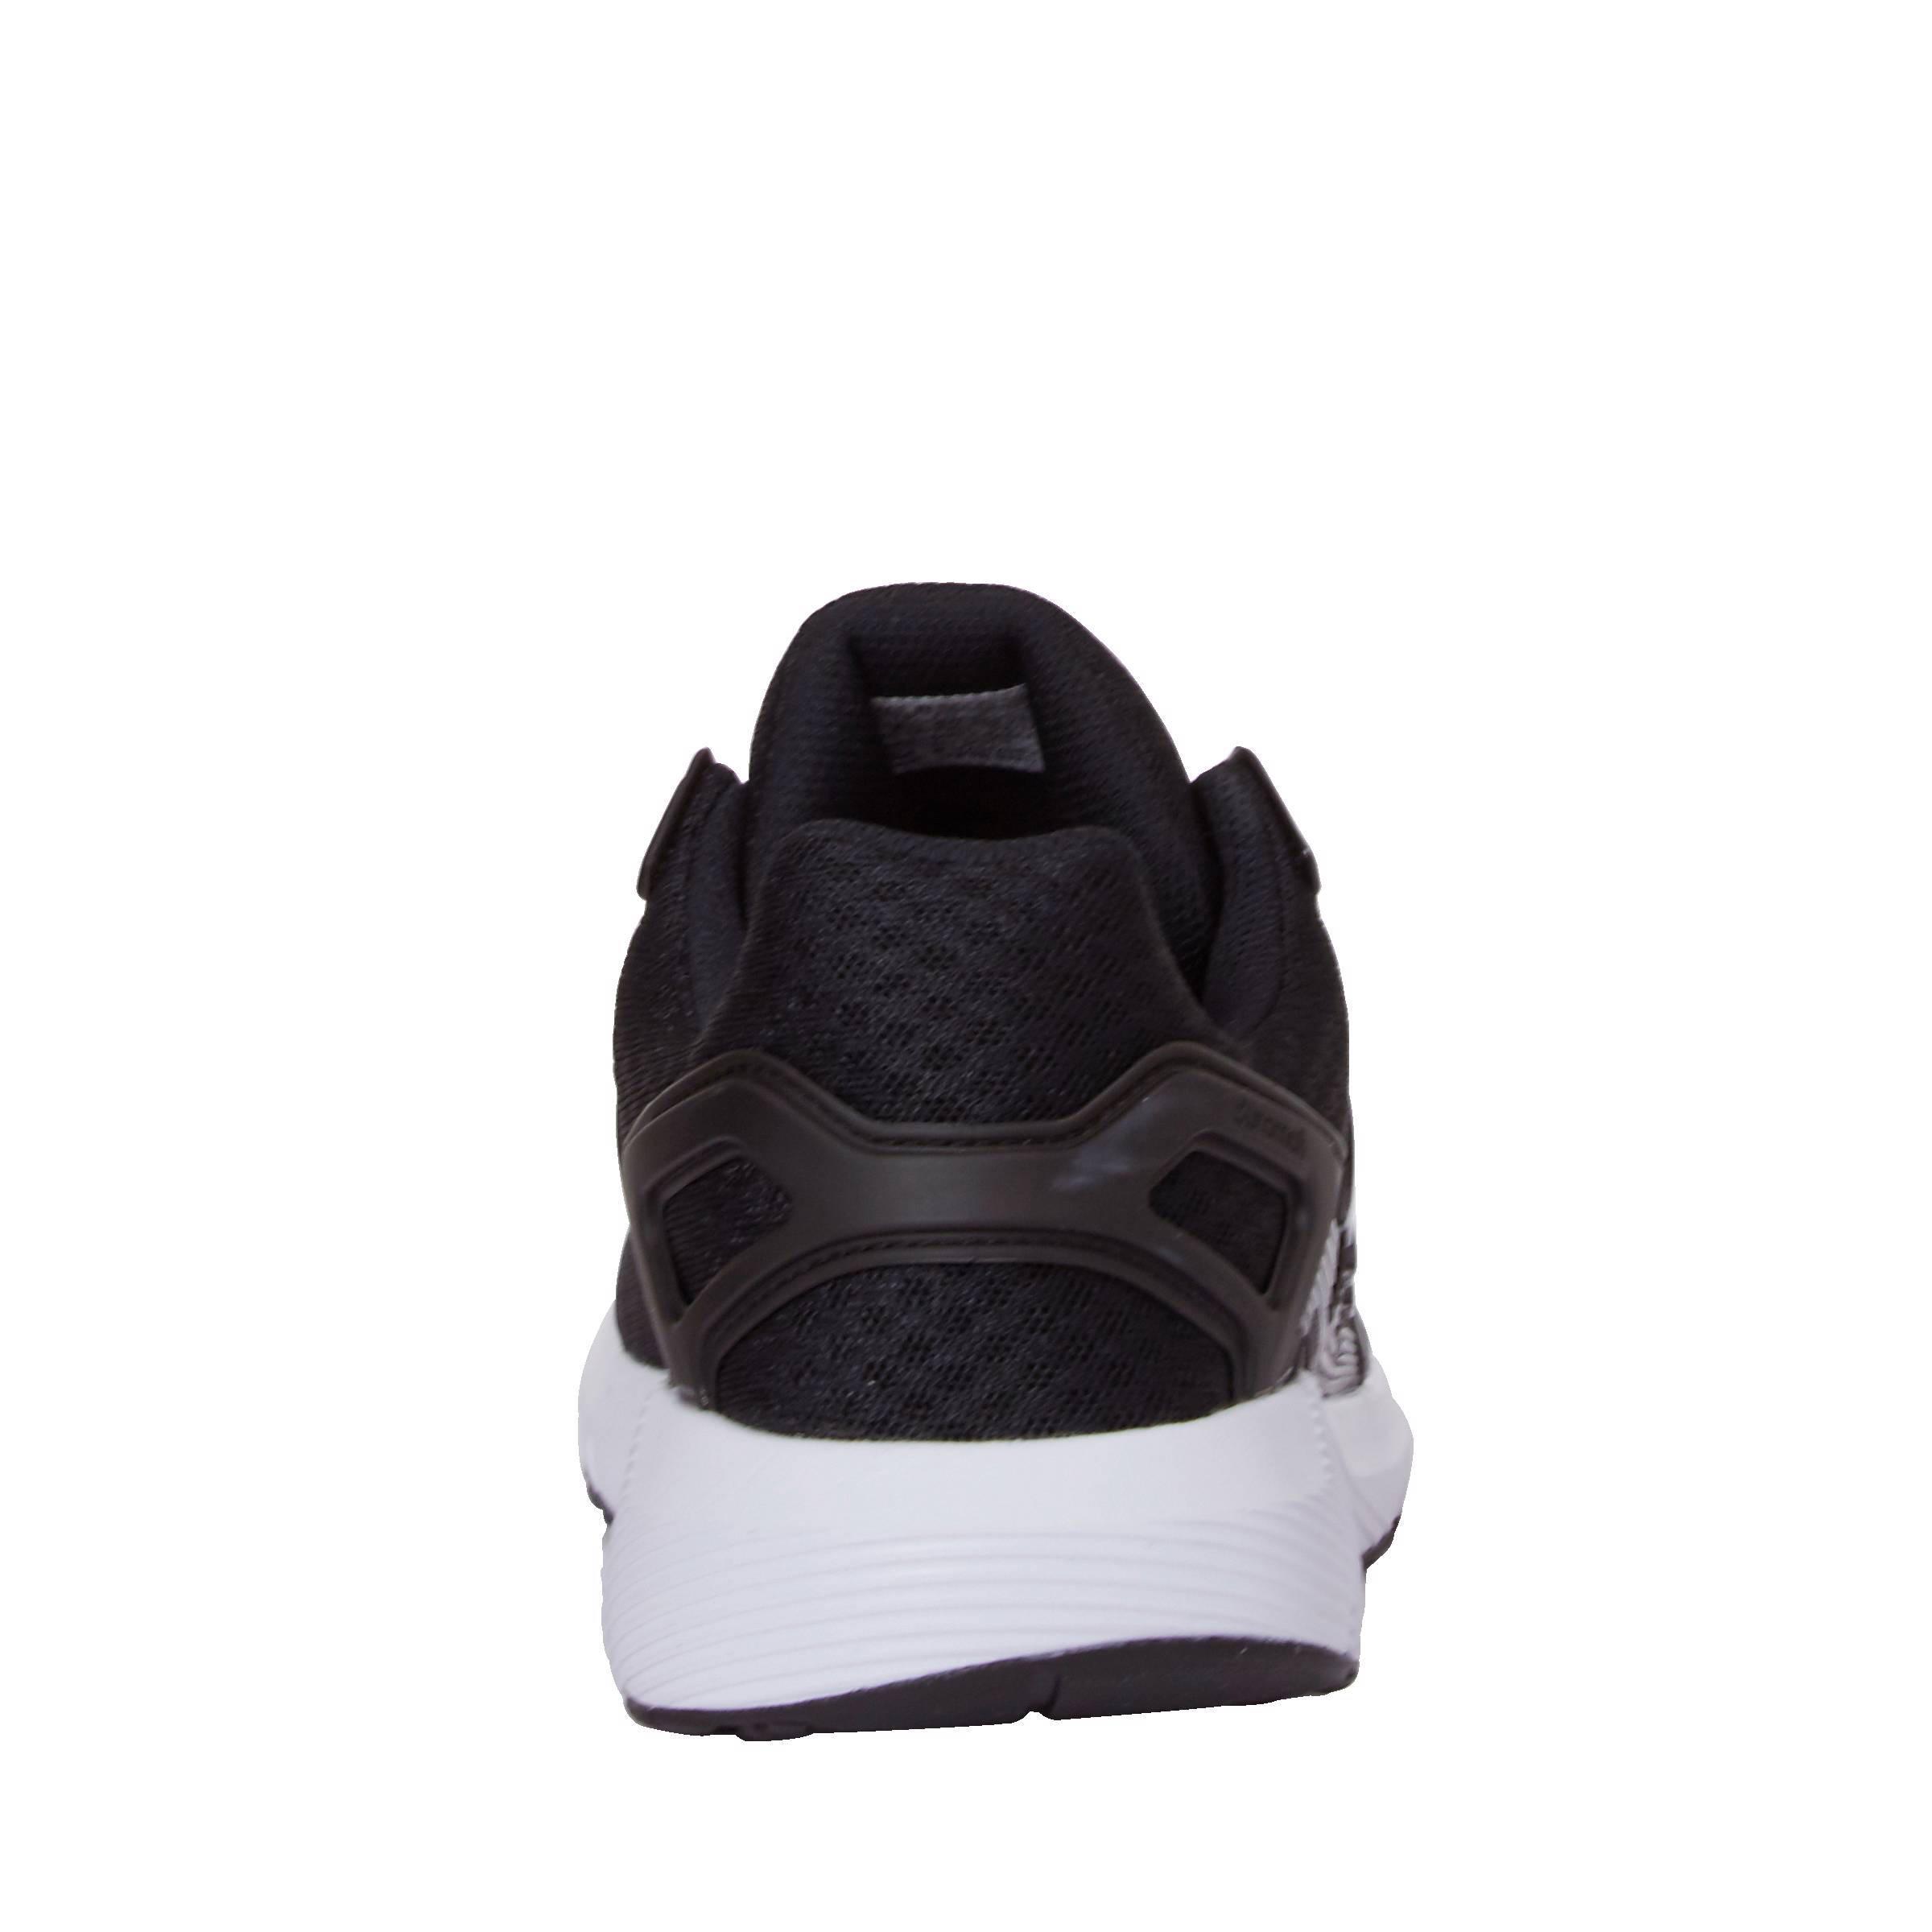 buy online 9e174 c71c3 adidas performance Duramo 8 hardloopschoenen  wehkamp